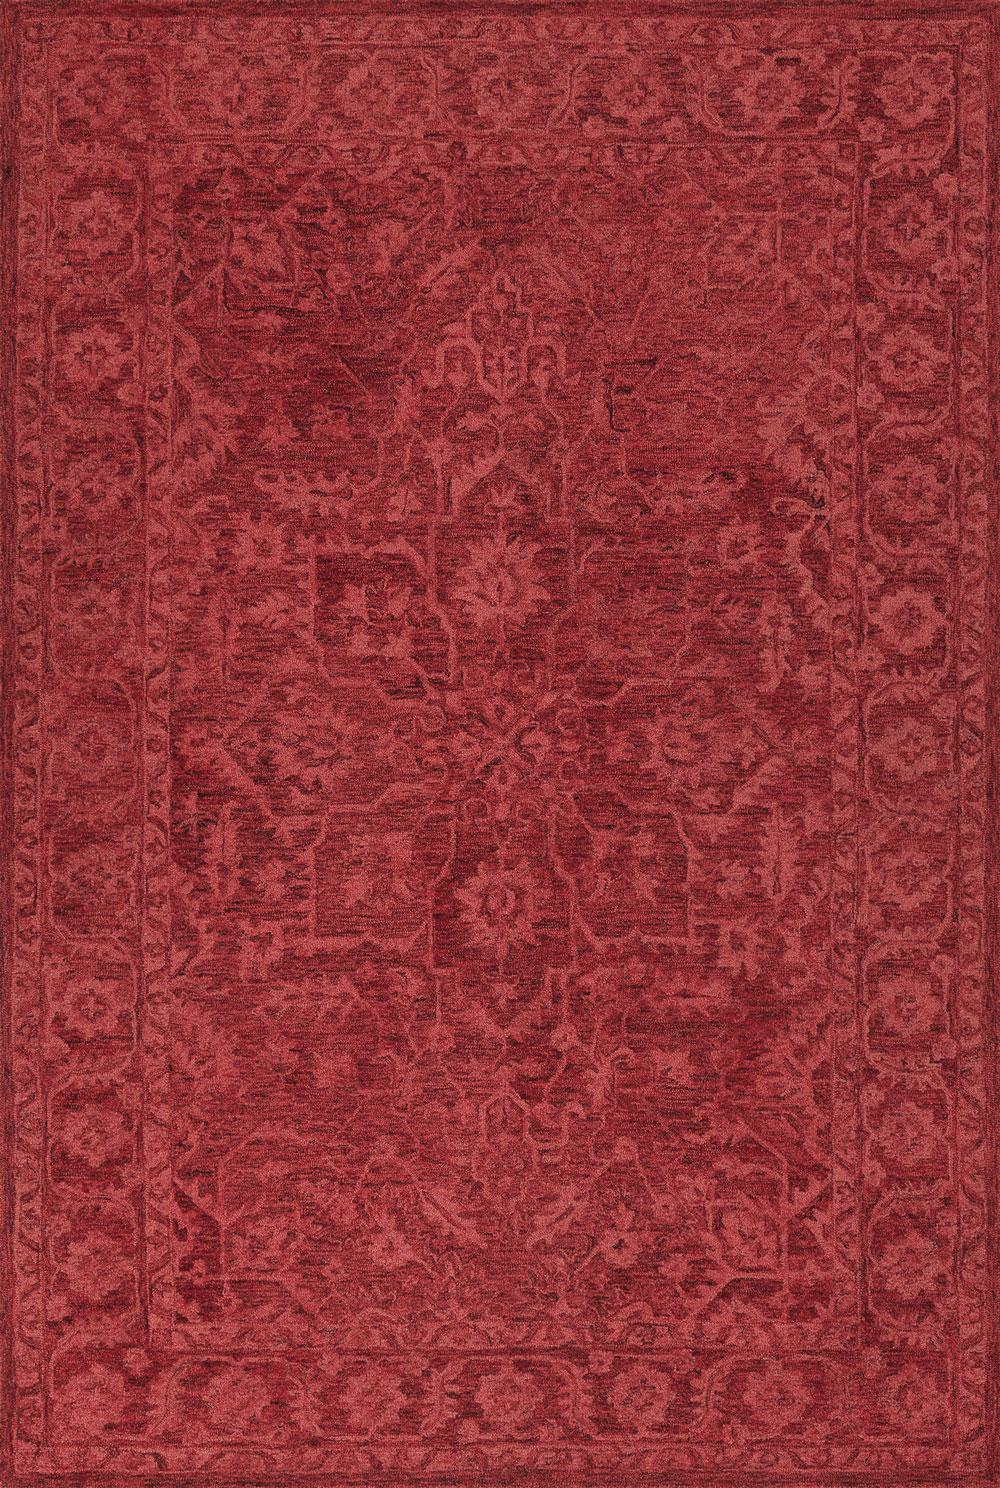 Dalyn Korba KB4 Red Rug